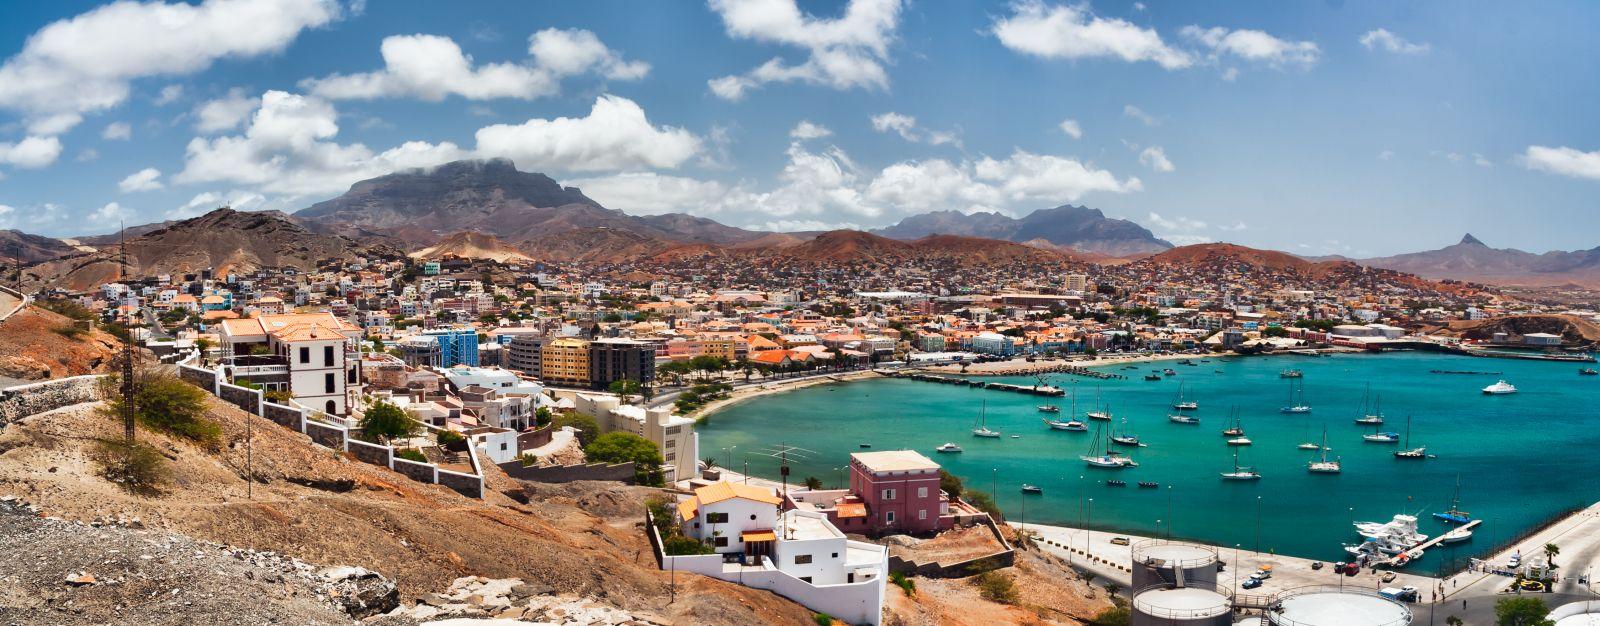 Mindelo auf Sao Vicente ist die zweitgrößte Stadt des Landes und ihr kulturelles Zentrum. ©Frankix/AdobeStock